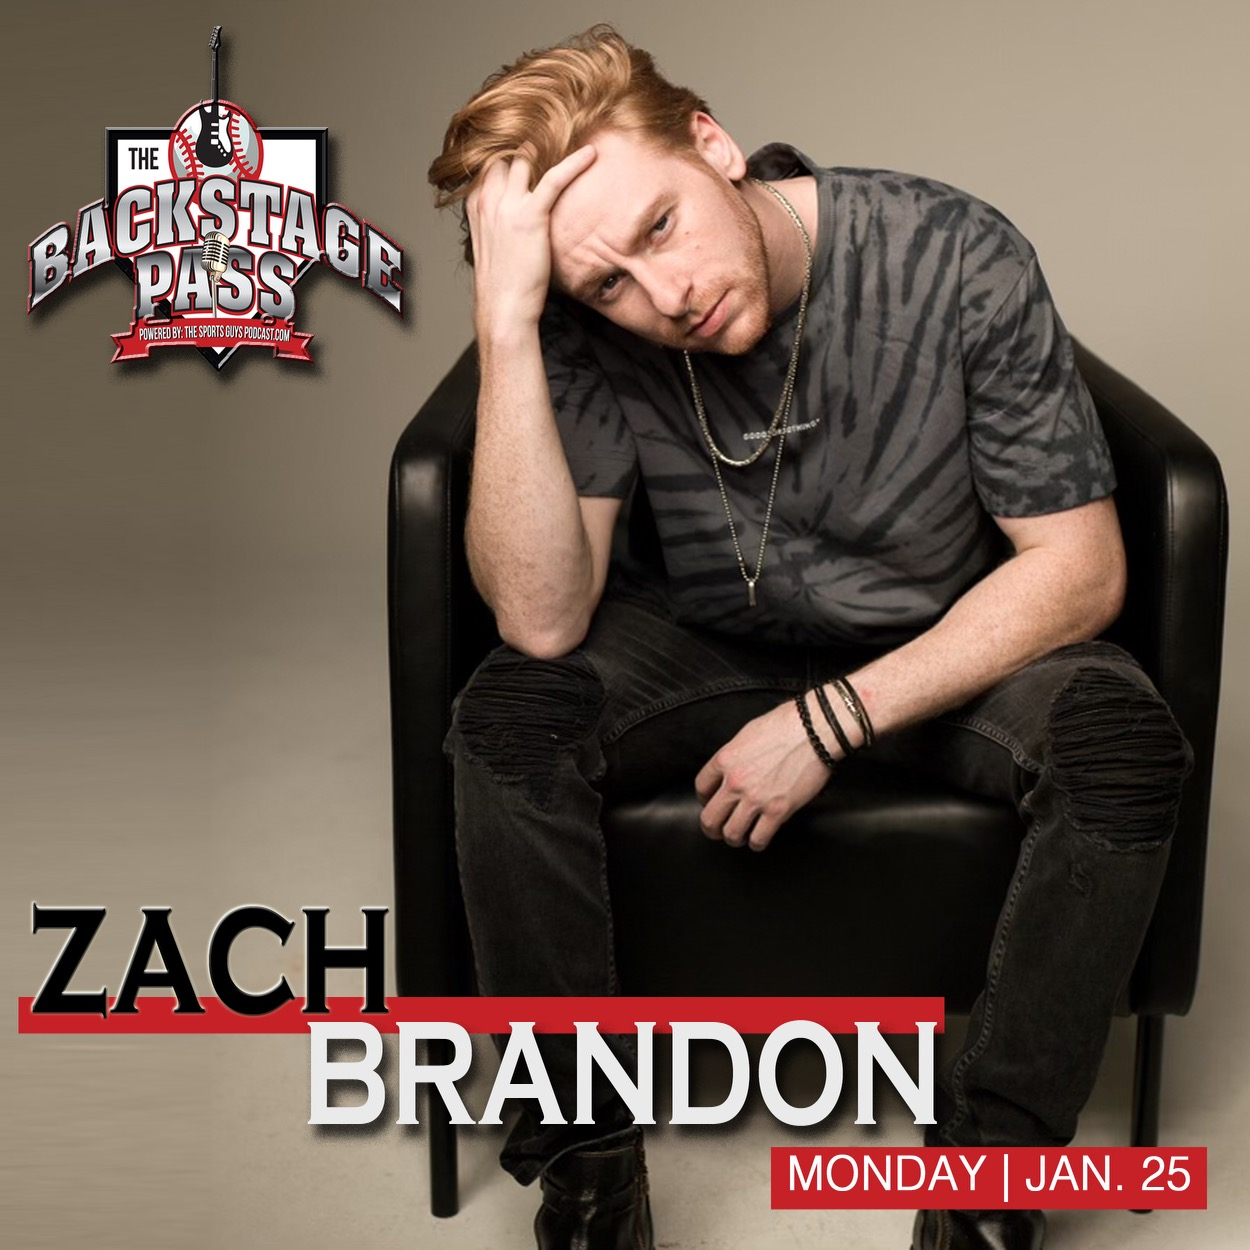 backstage_pass_zach_brandon